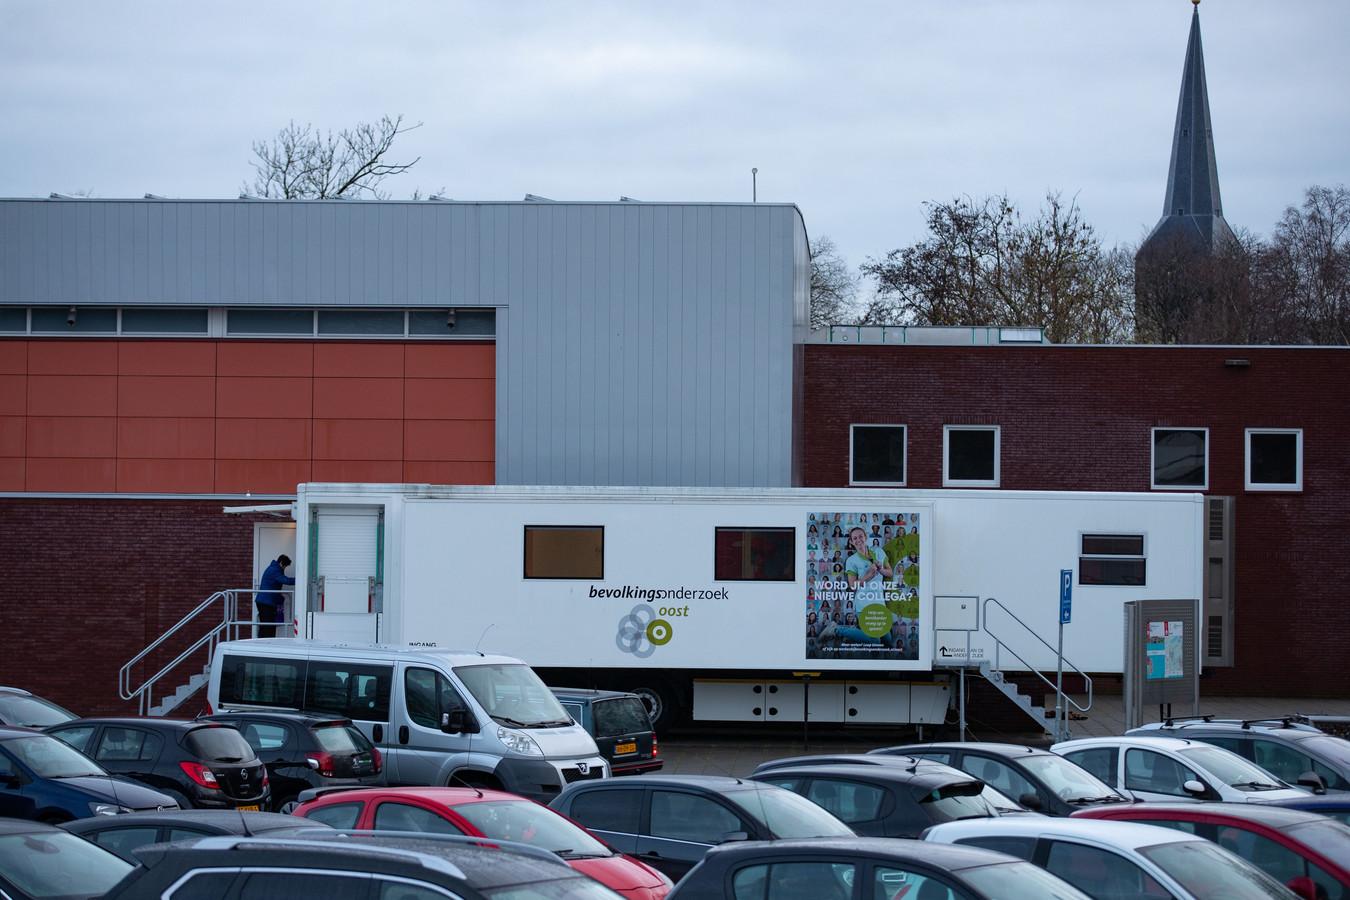 De bus van Bevolkingsonderzoek Oost is terug in Kampen, tegen de muur van sporthal De Reeve aan.